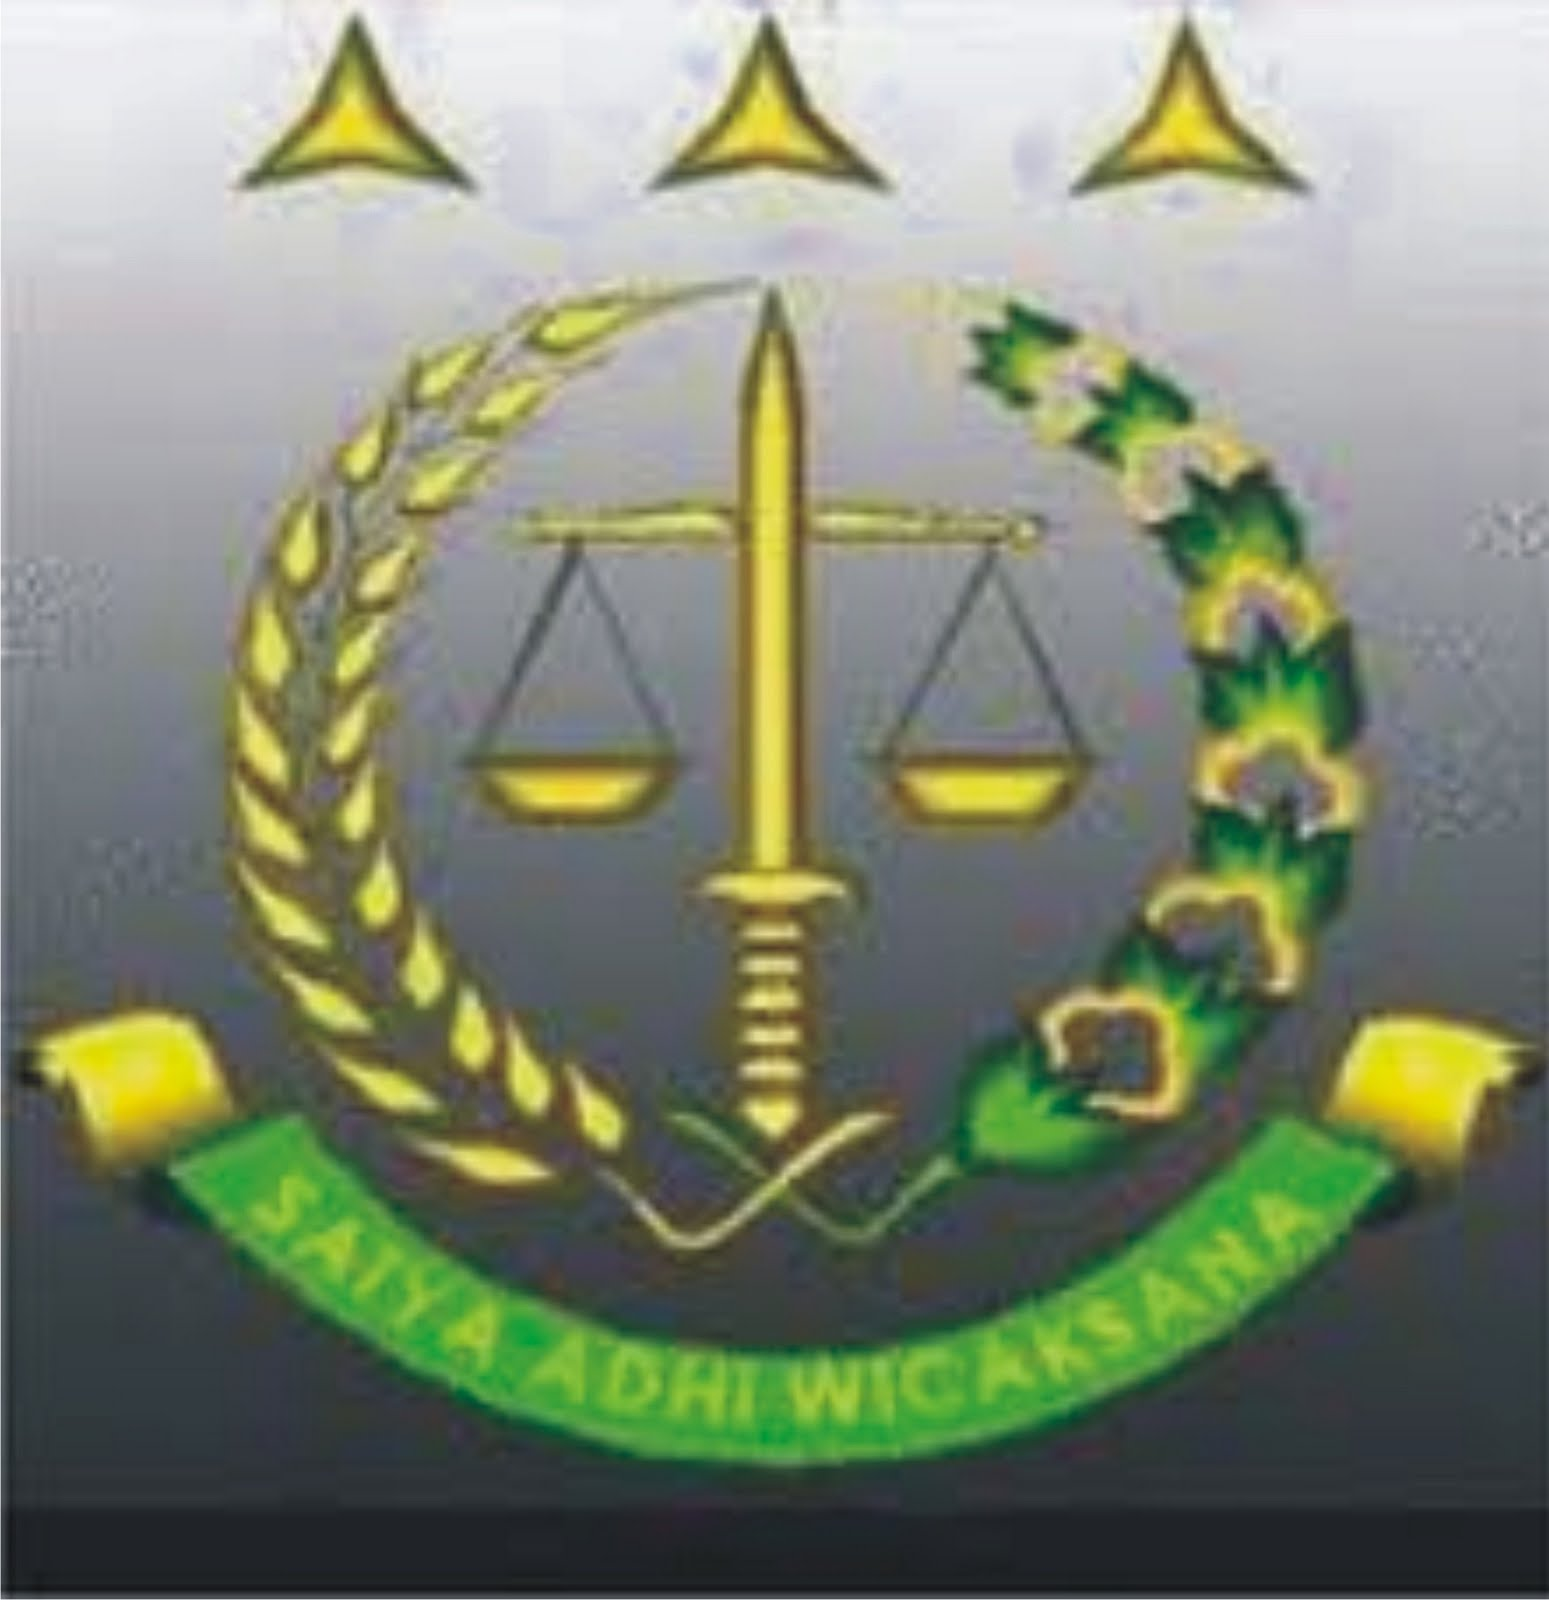 Kejati Ntb Tahan Tersangka Kasus Dak 2007 Kota Bima Media Garda Asakota